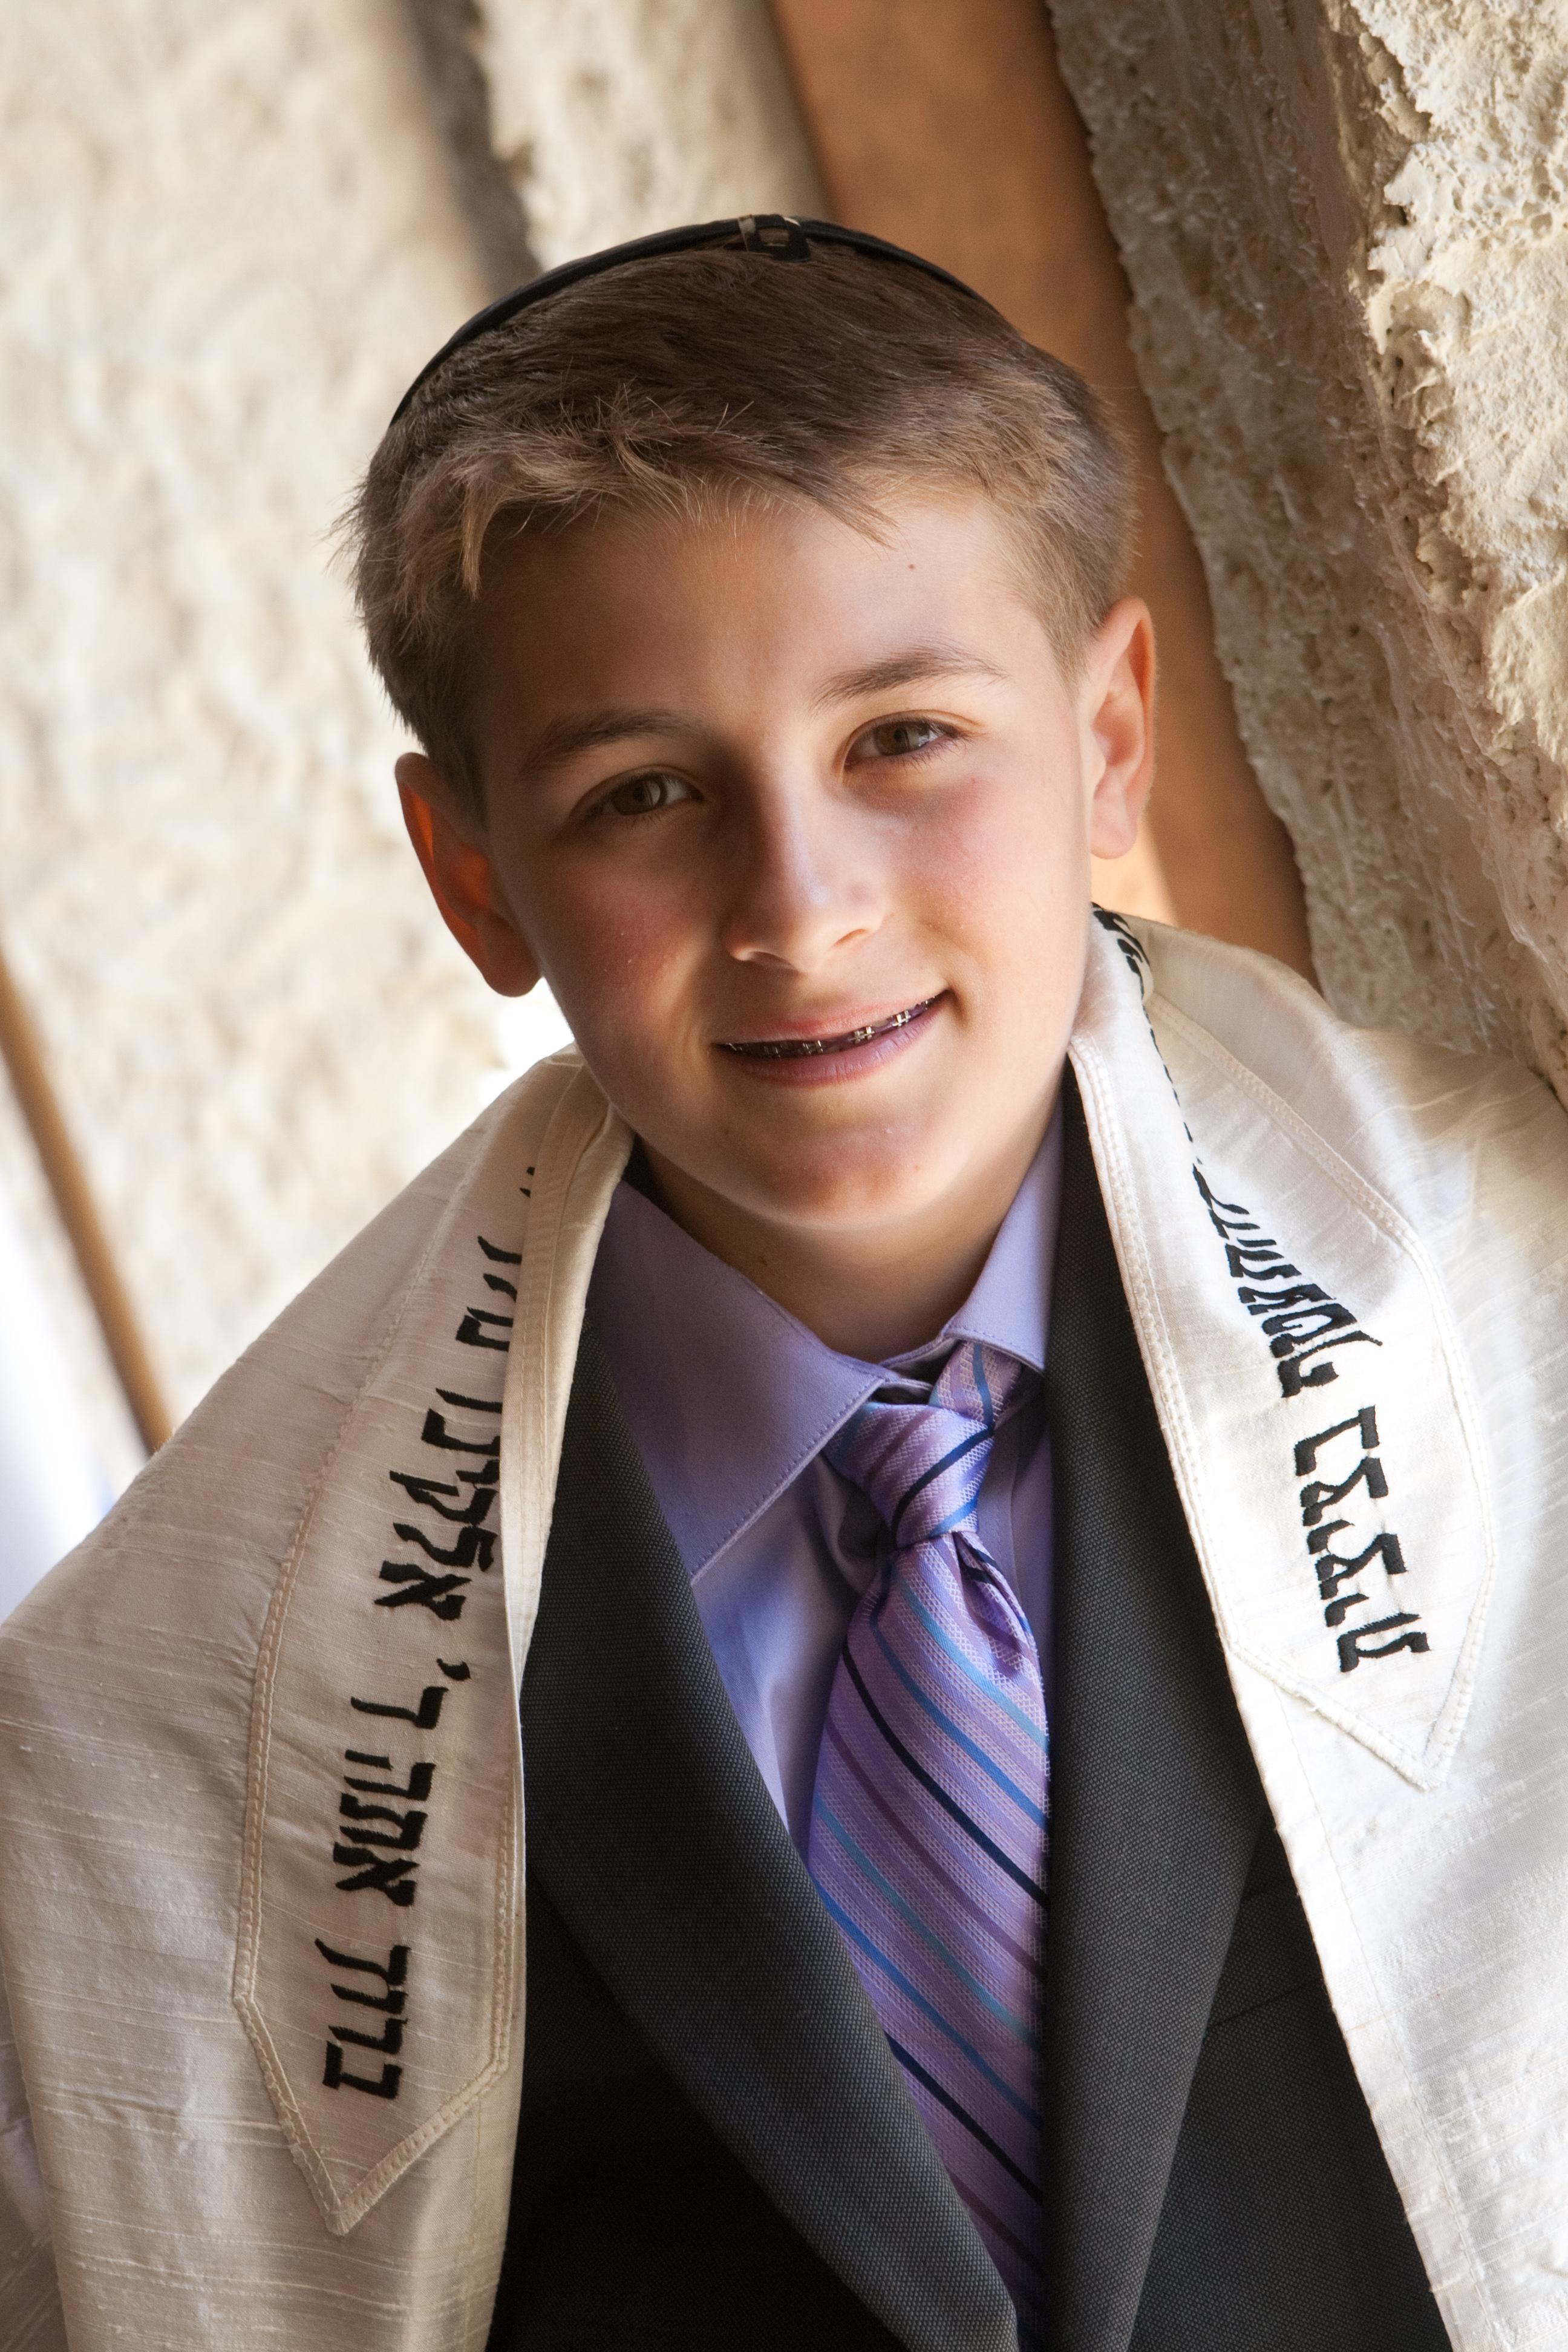 Bar Mitzvah Portrait 1.jpg